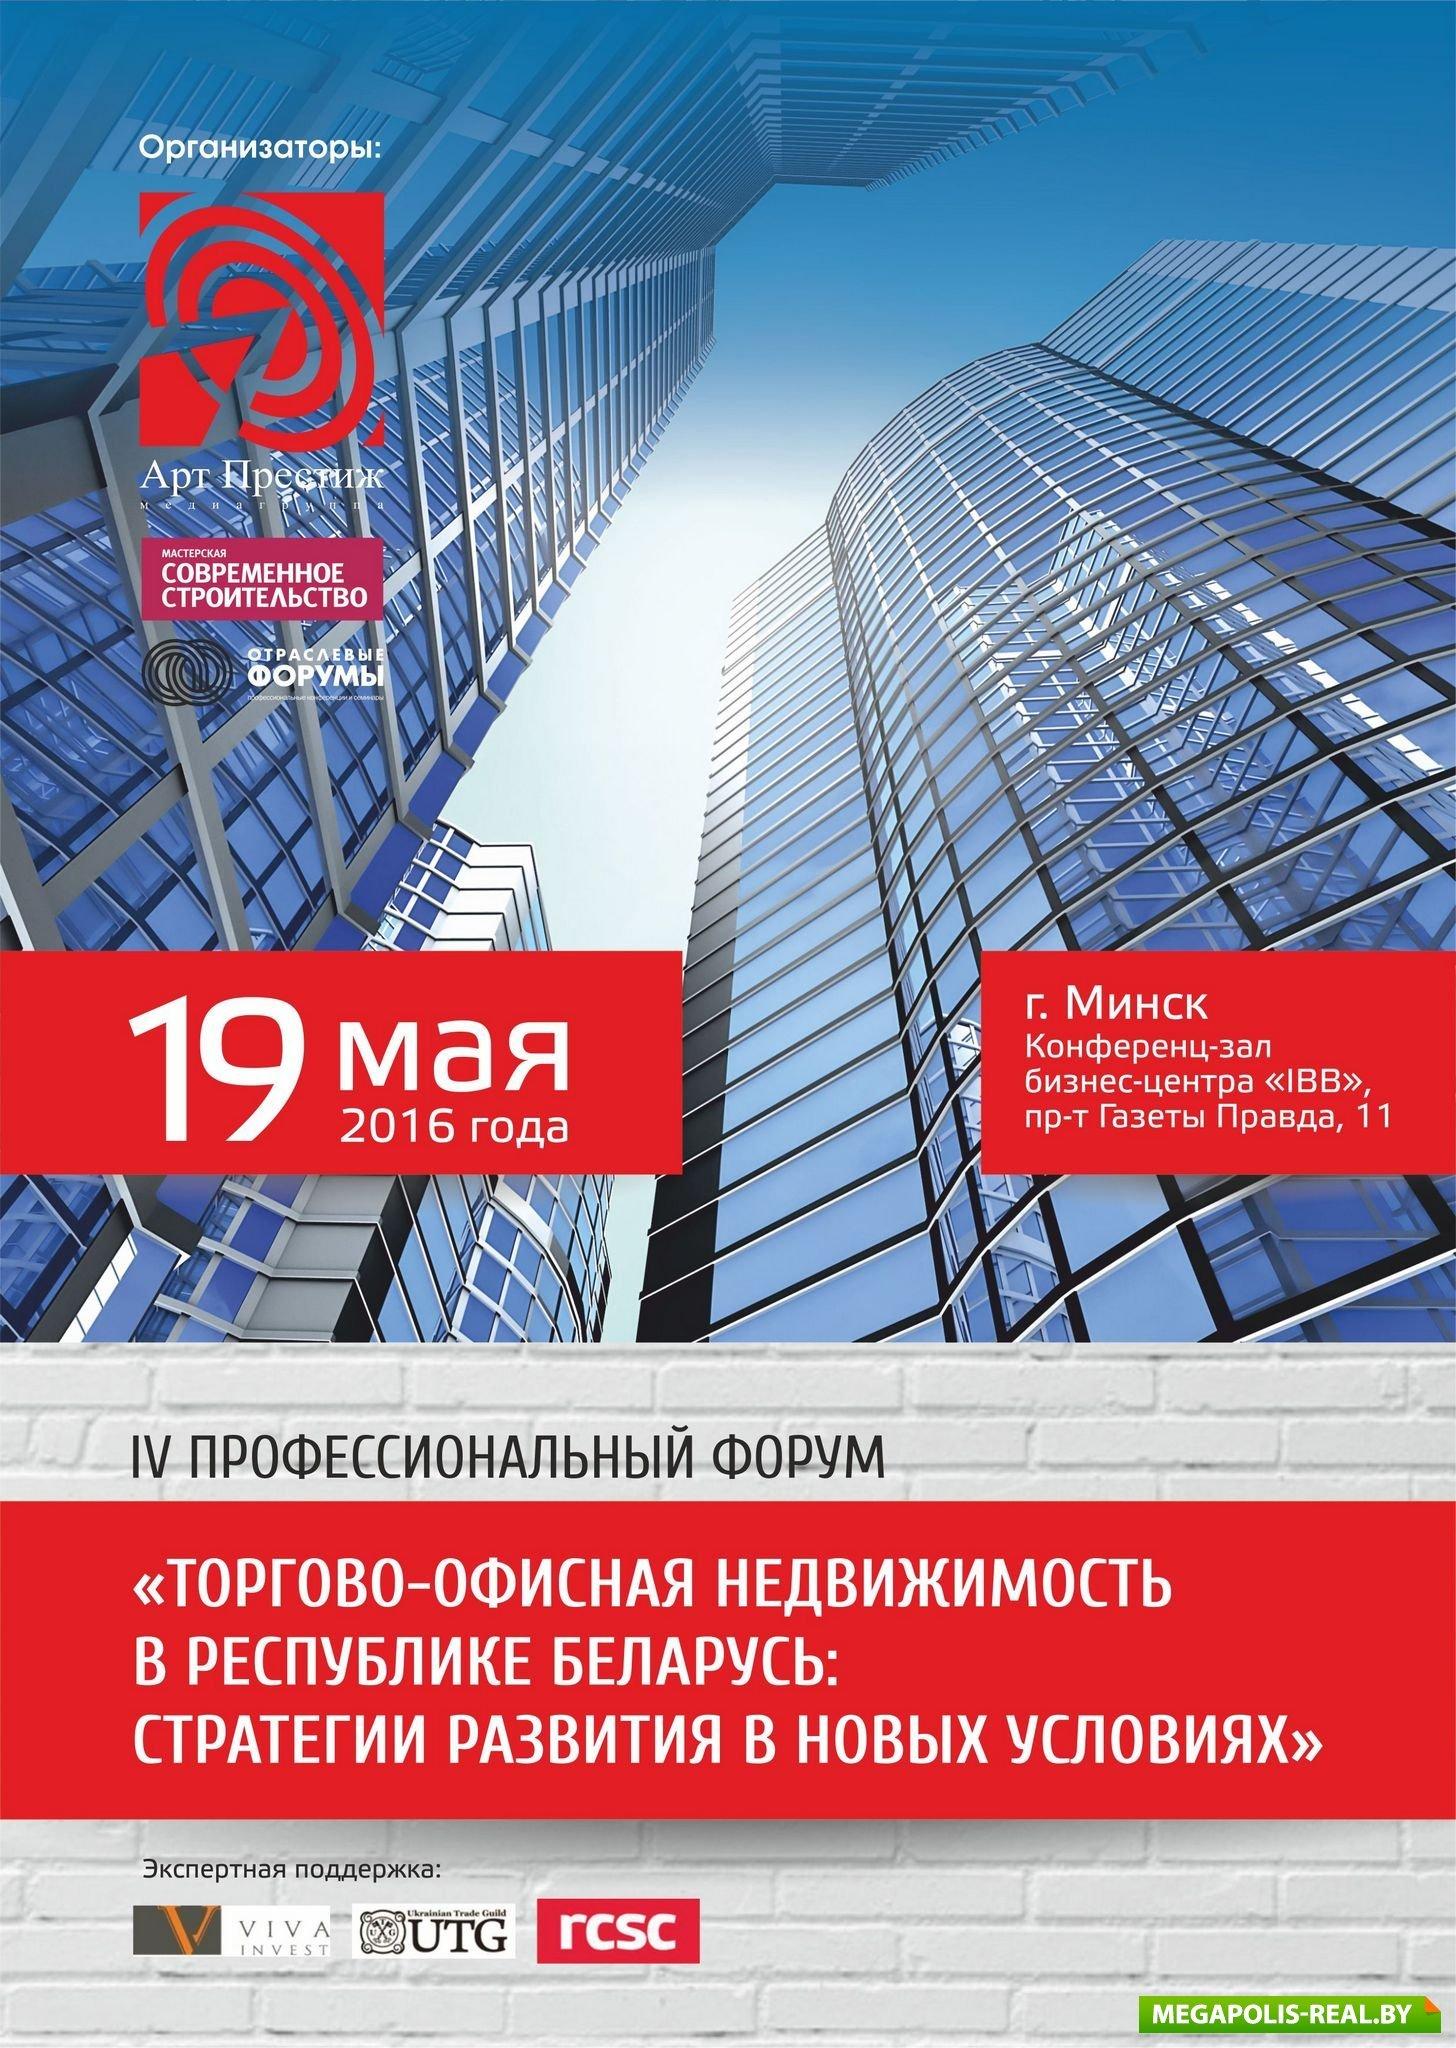 Развитие коммерческой недвижимости по украине воронеж, аренда офисов